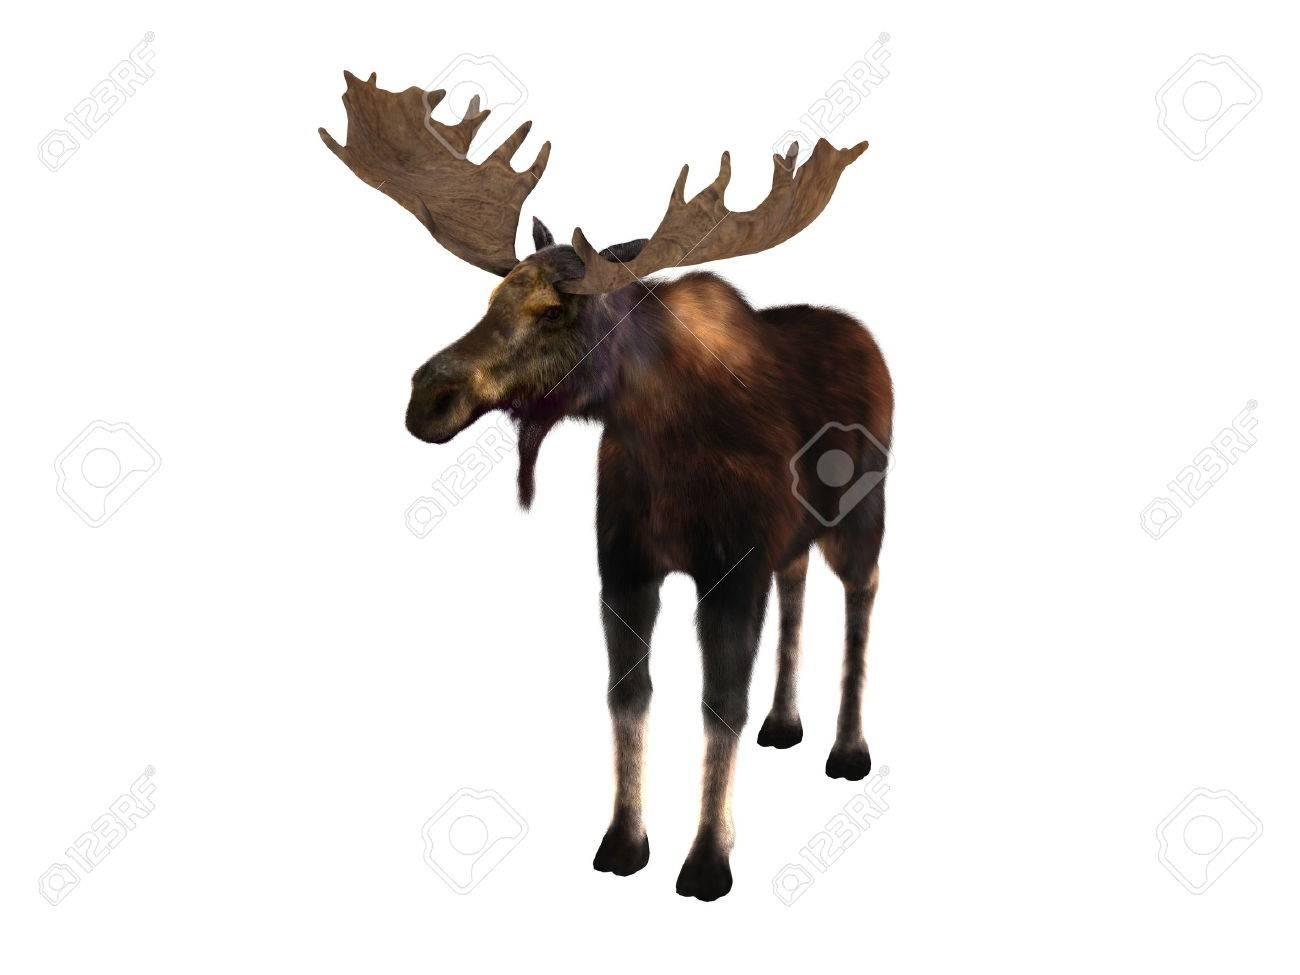 moose - 30398516